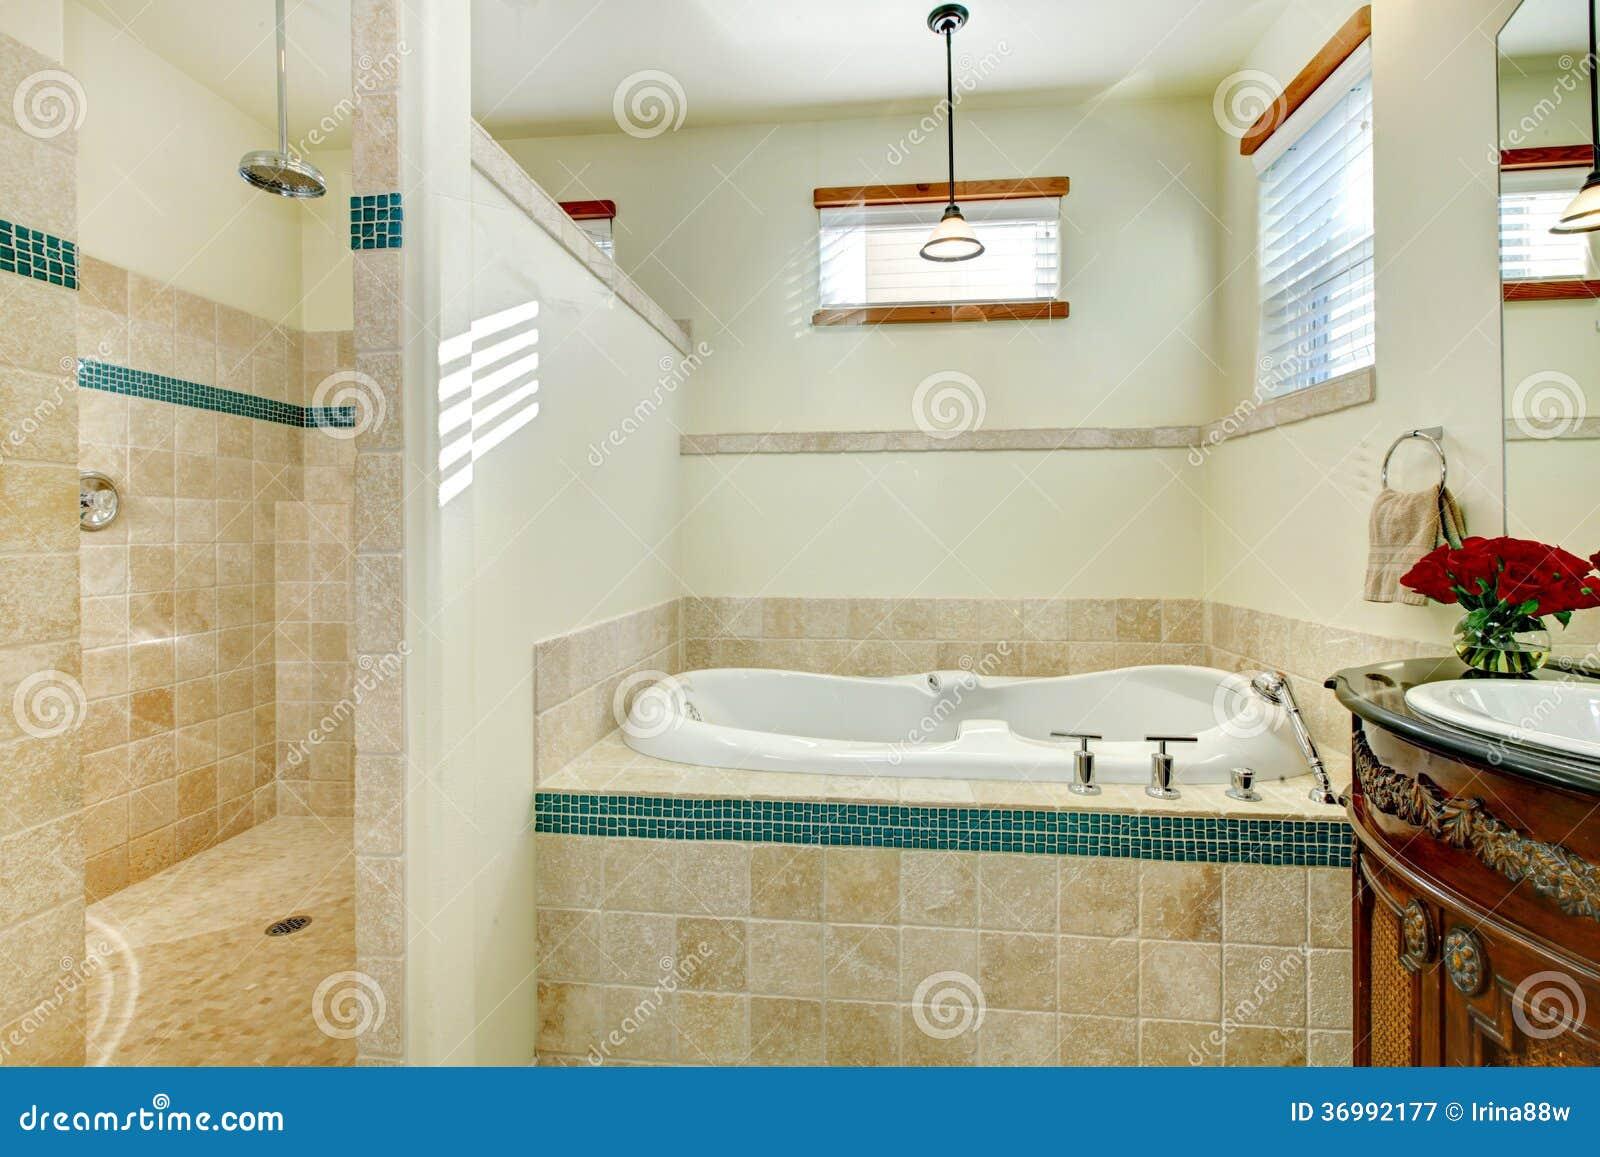 8 Idee Di Interior Design Bagno Soluzioni Per Bagni Piccoli